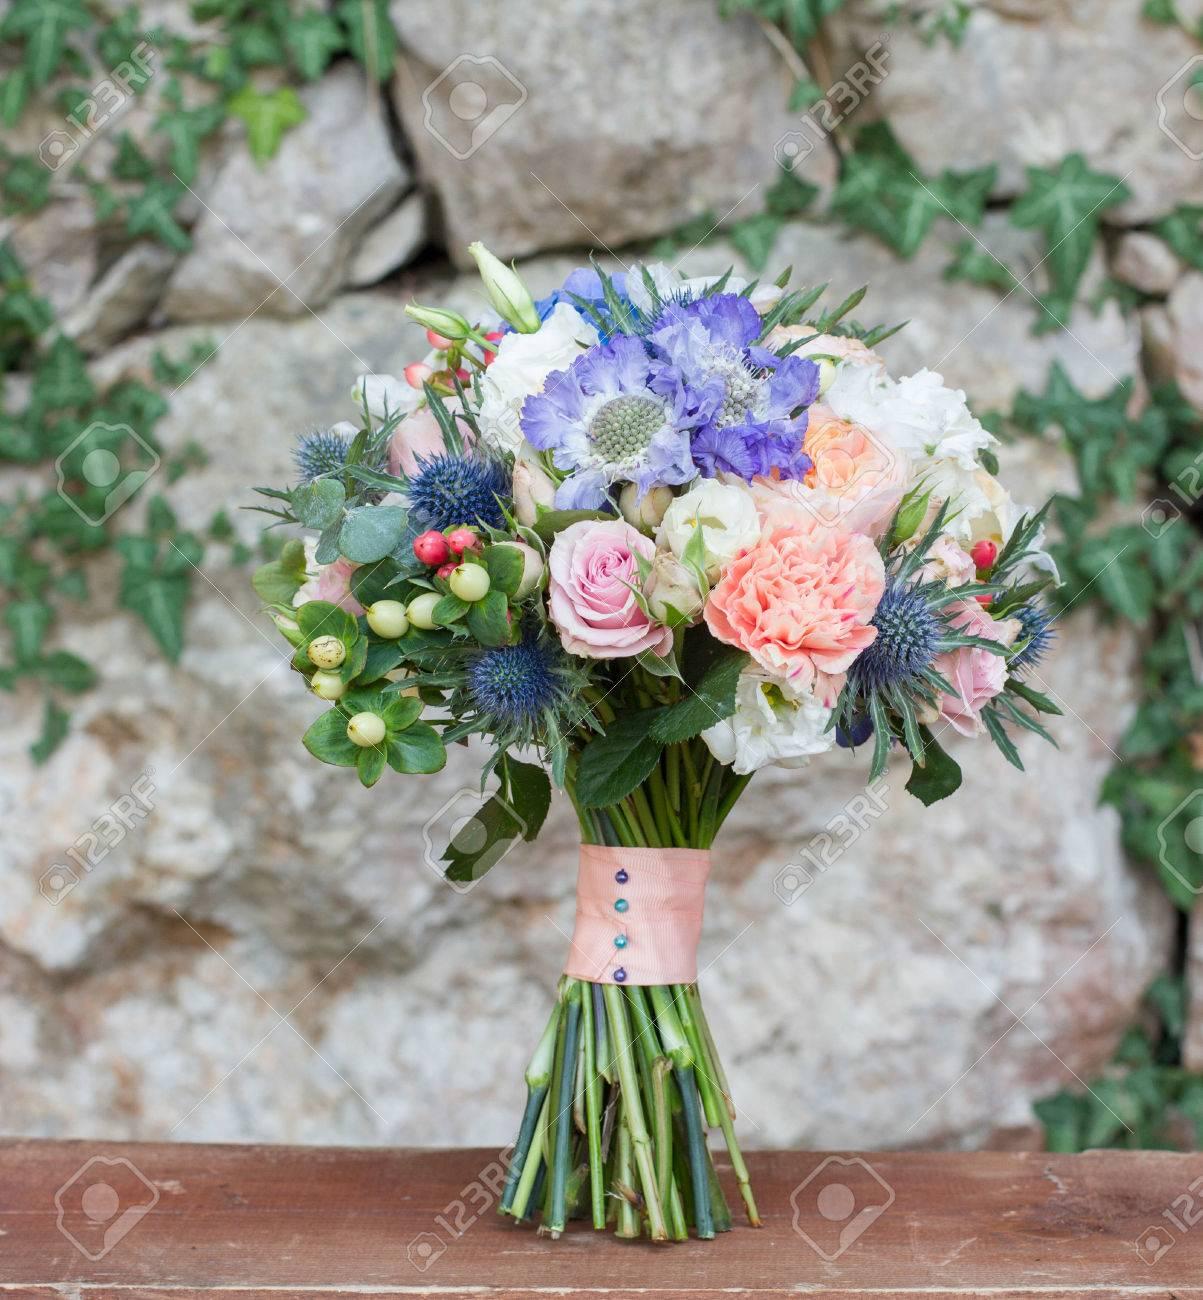 Brautstrauss Pfirsichfarben Mit Blau Lizenzfreie Fotos Bilder Und